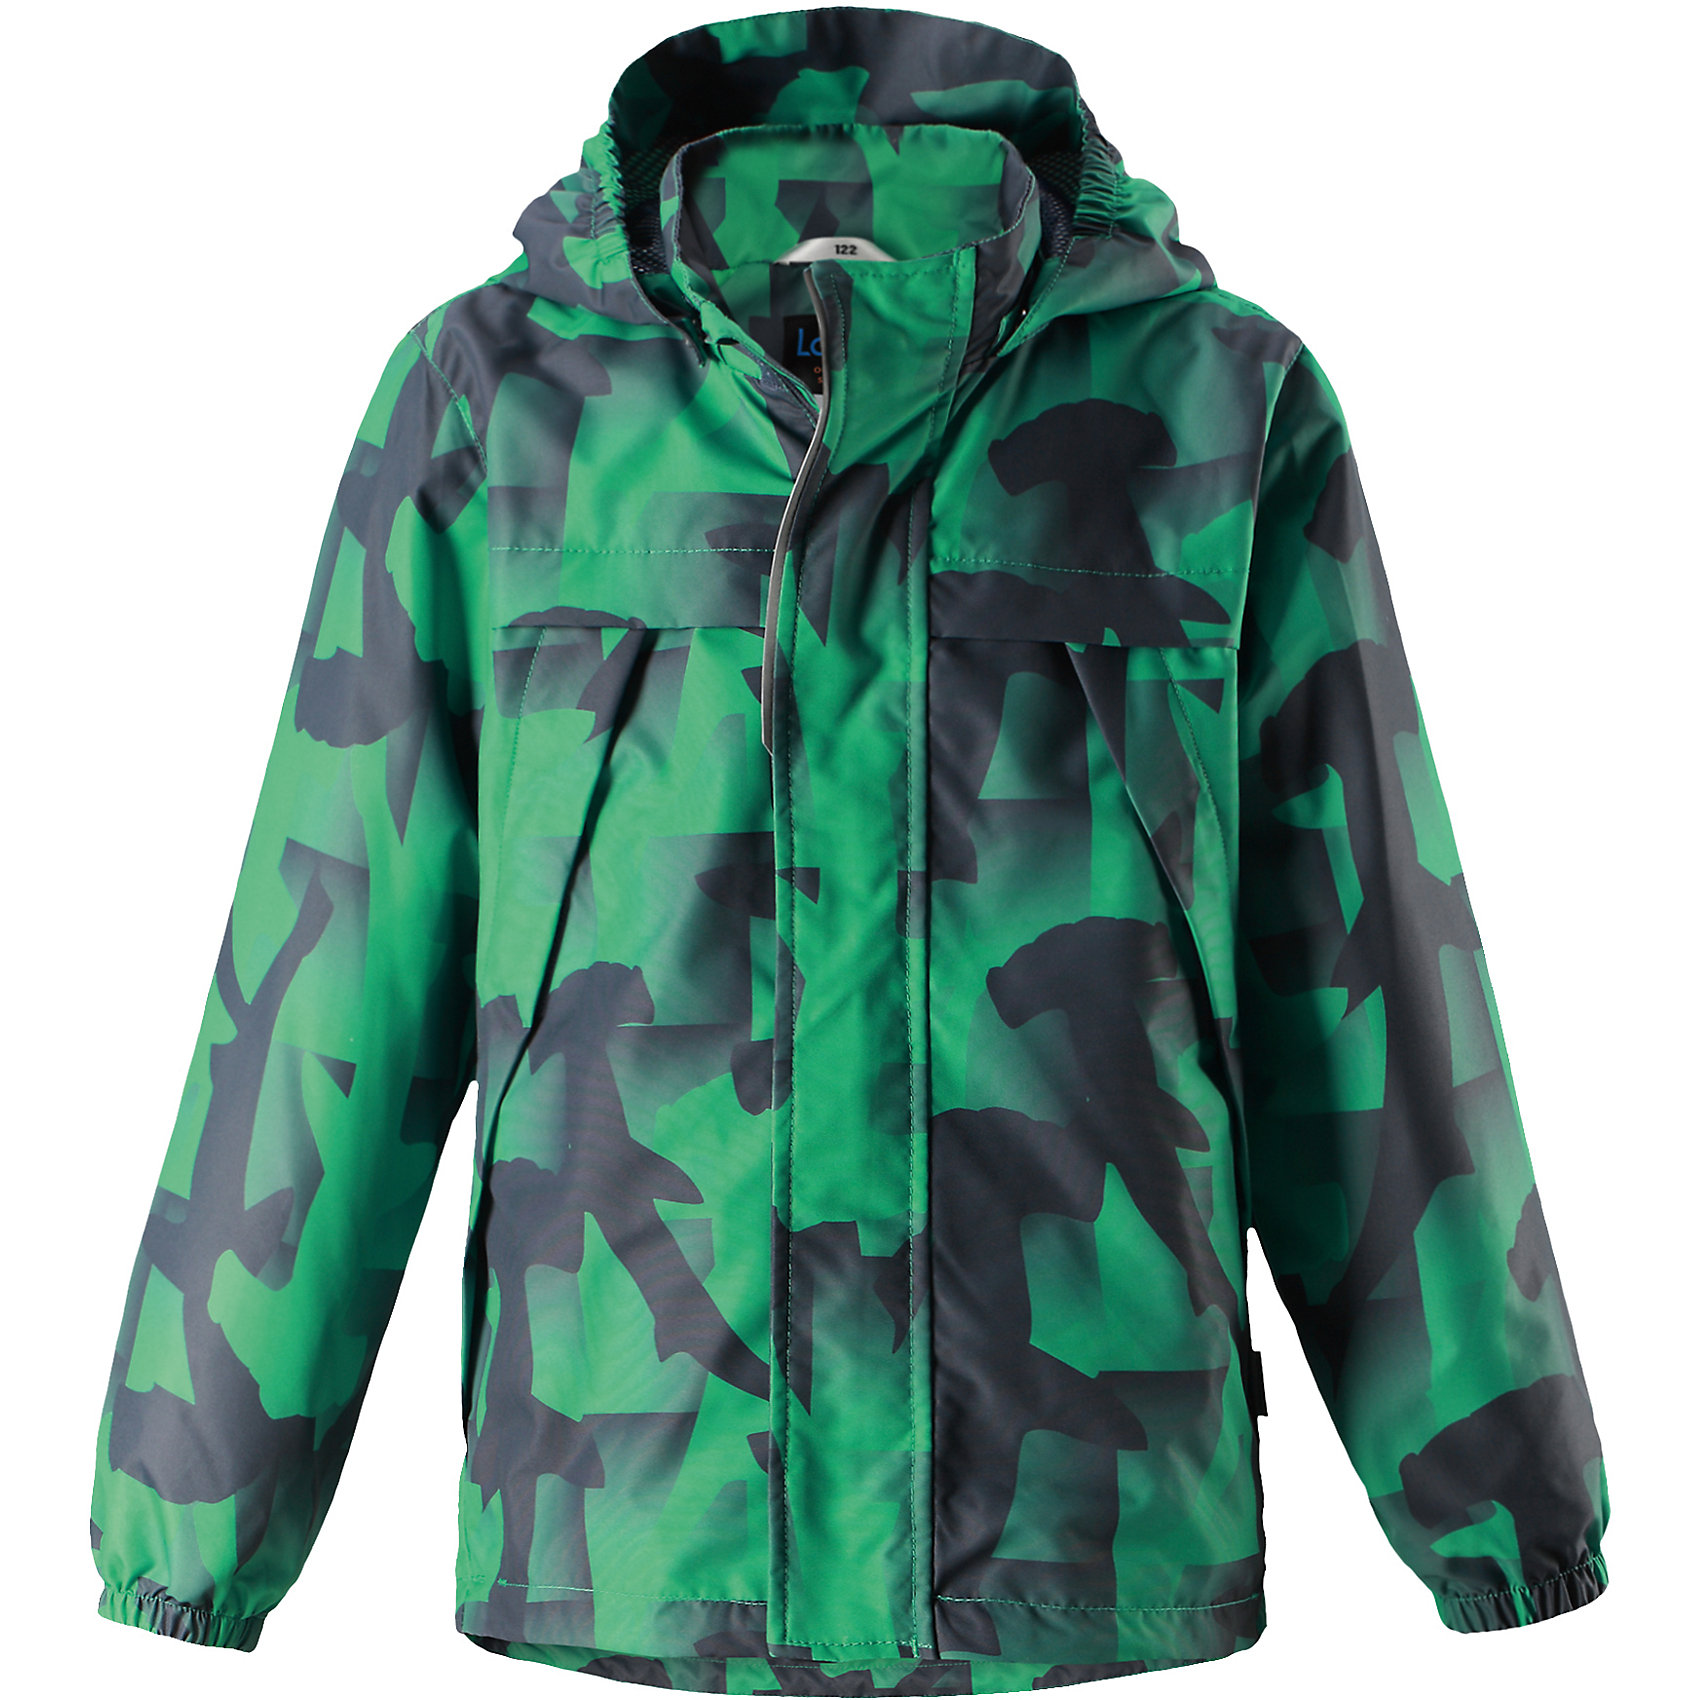 Куртка для мальчика LASSIEКурткадля мальчика LASSIE<br>Состав:<br>100% Полиэстер, полиуретановое покрытие<br> Куртка для детей<br> Водоотталкивающий, ветронепроницаемый и «дышащий» материал<br> Подкладка из mesh-сетки<br> Безопасный, съемный капюшон<br> Эластичные манжеты<br> Регулируемый подол<br> Передние карманы<br><br>Ширина мм: 356<br>Глубина мм: 10<br>Высота мм: 245<br>Вес г: 519<br>Цвет: зеленый<br>Возраст от месяцев: 48<br>Возраст до месяцев: 60<br>Пол: Мужской<br>Возраст: Детский<br>Размер: 110,134,98,116,92,104,128,122,140<br>SKU: 5264485